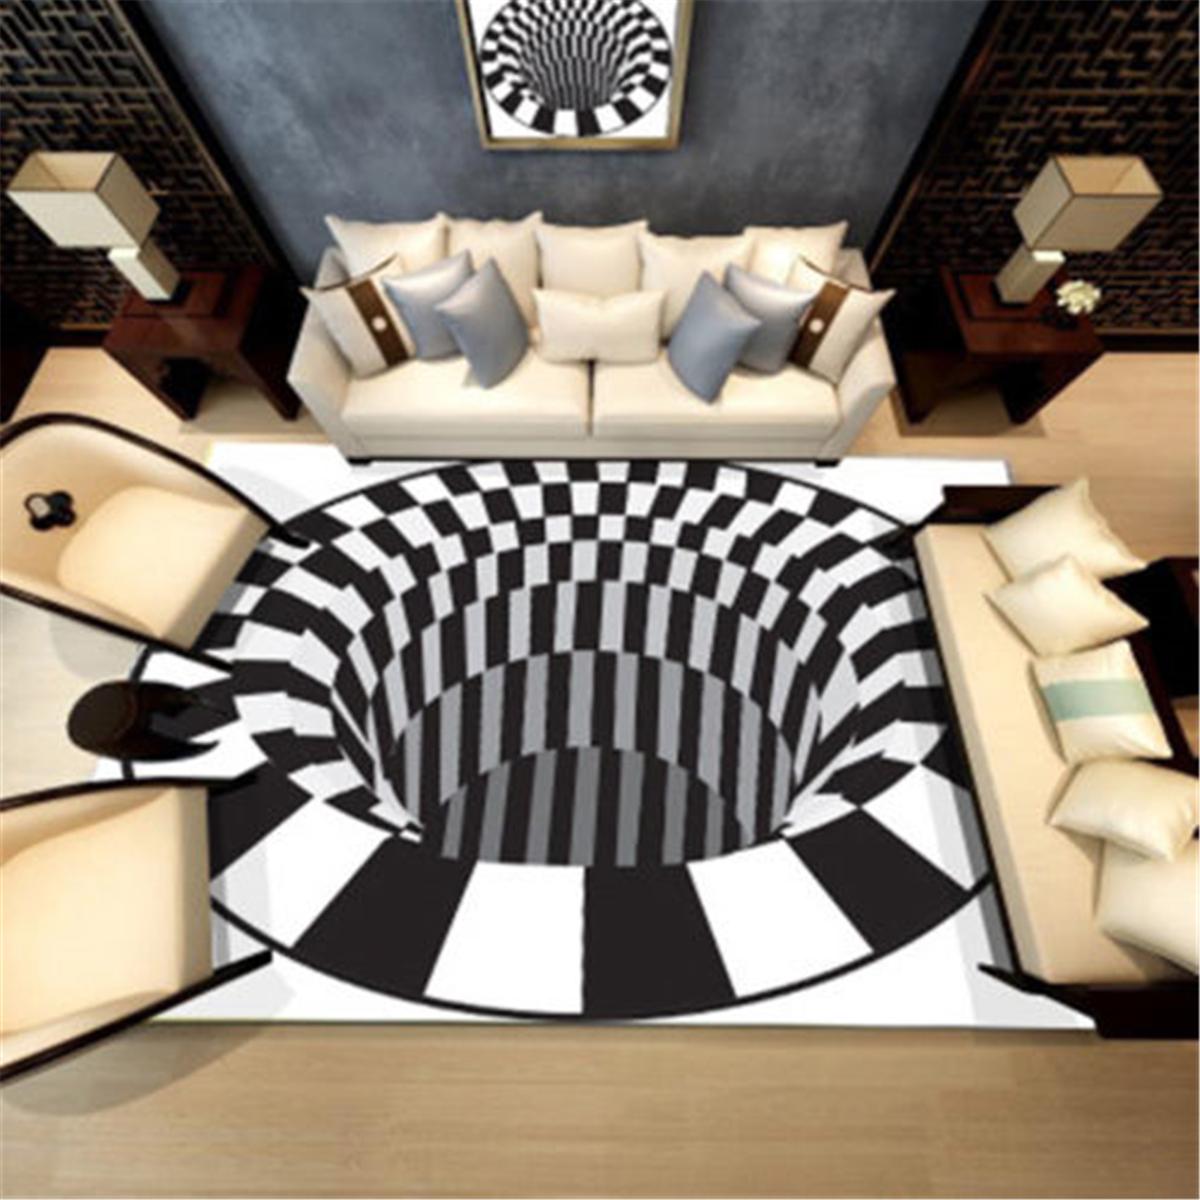 Коврики в стиле 3D Современный ковер Коврик для гостиной Гостиная Нескользящие ковры Украшения для дома